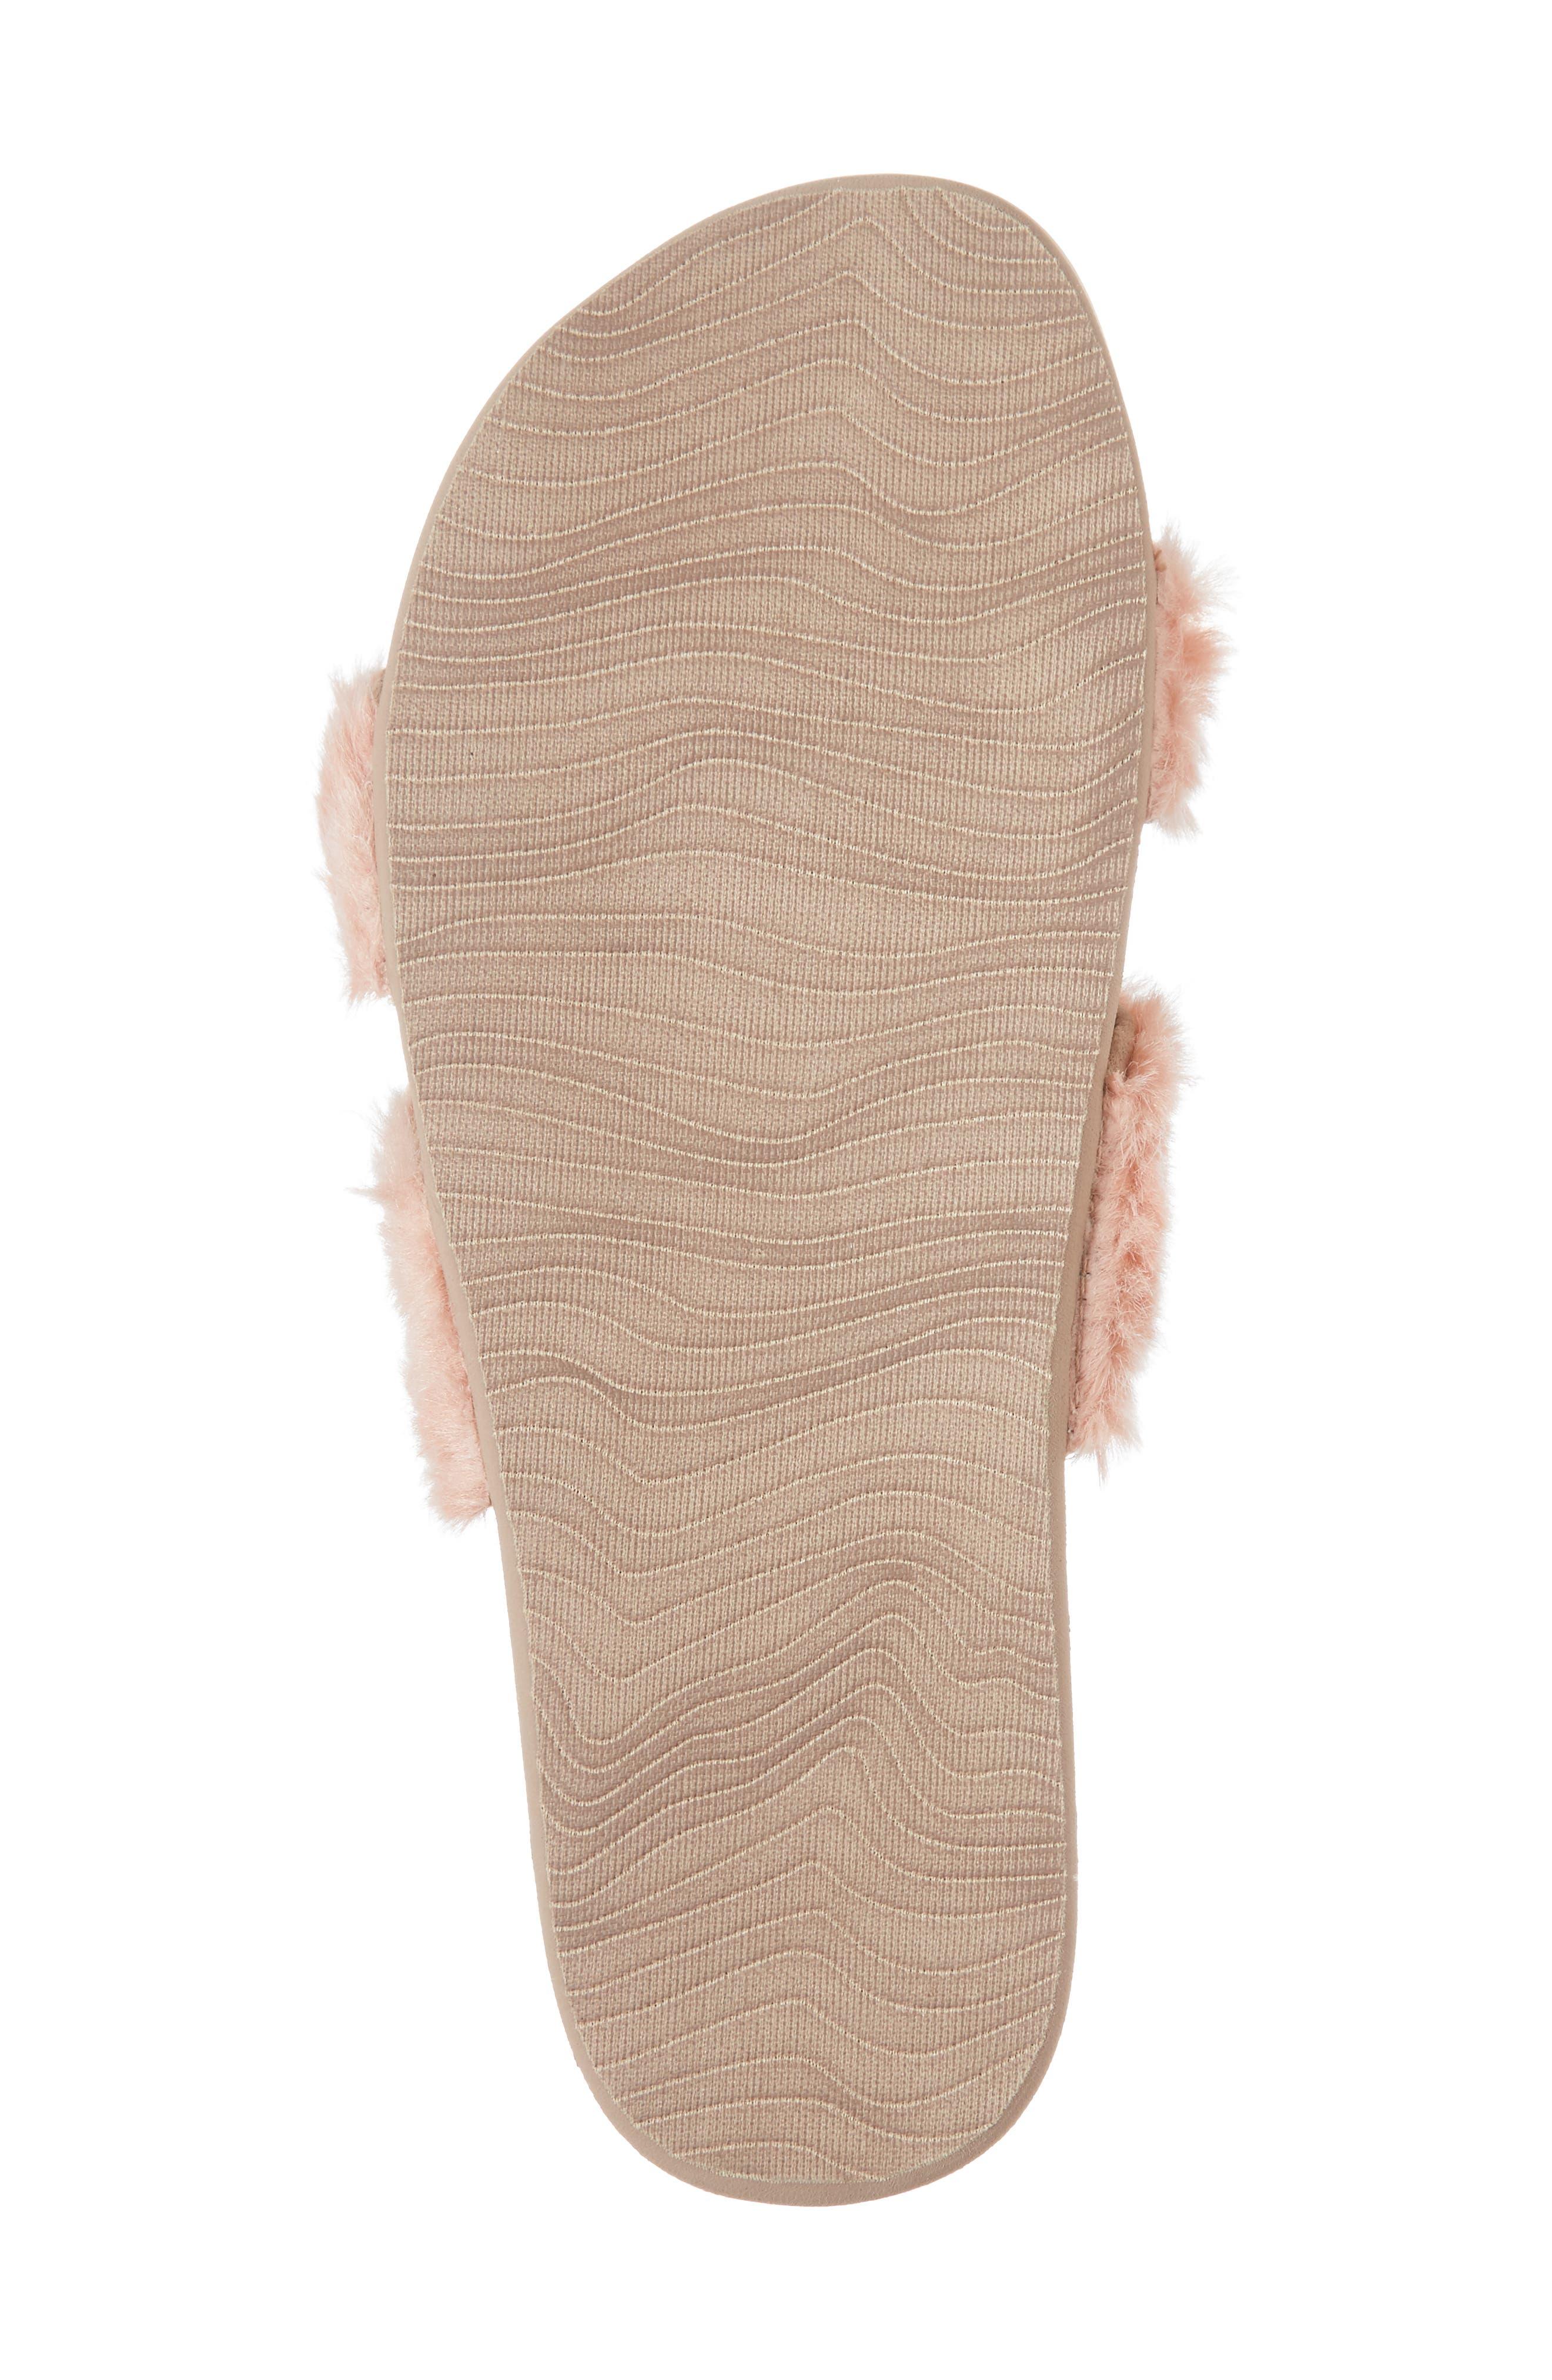 Bounce Faux Fur Double Strap Slide Sandal,                             Alternate thumbnail 6, color,                             Blush